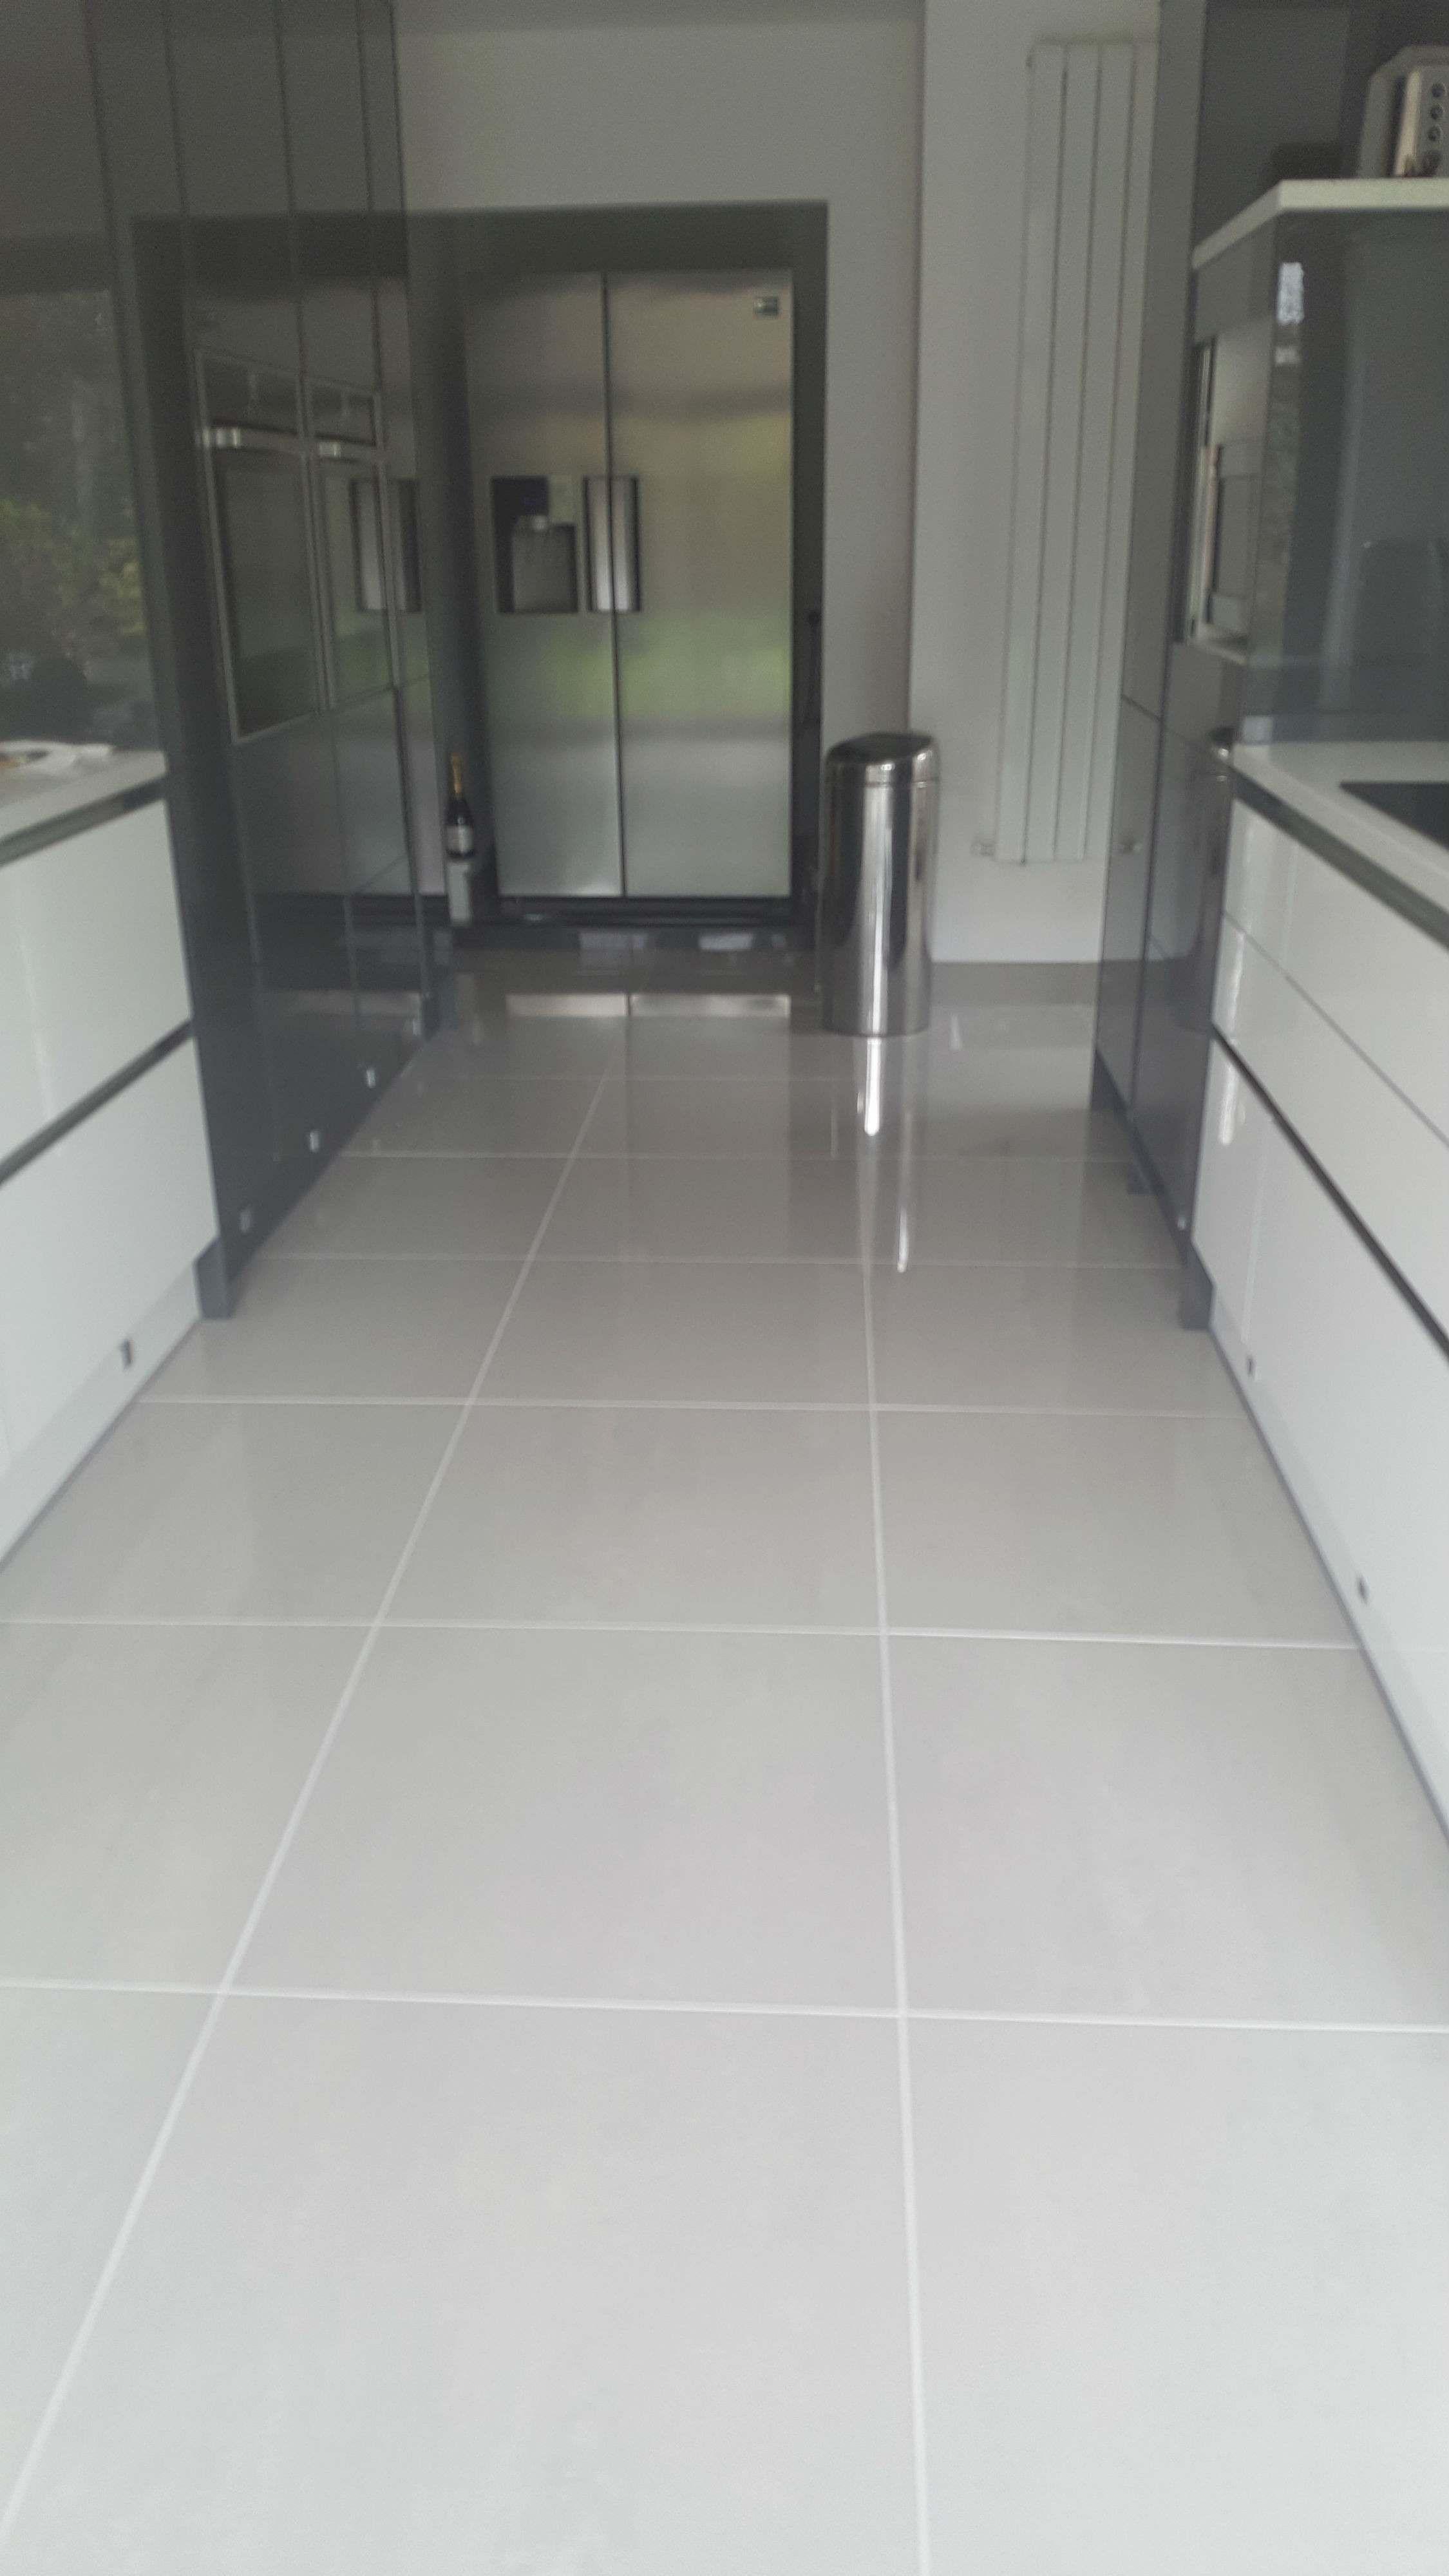 Doblo Light Grey Polished Porcelain Light Kitchen Floor Floor Tile Design Tile Floor